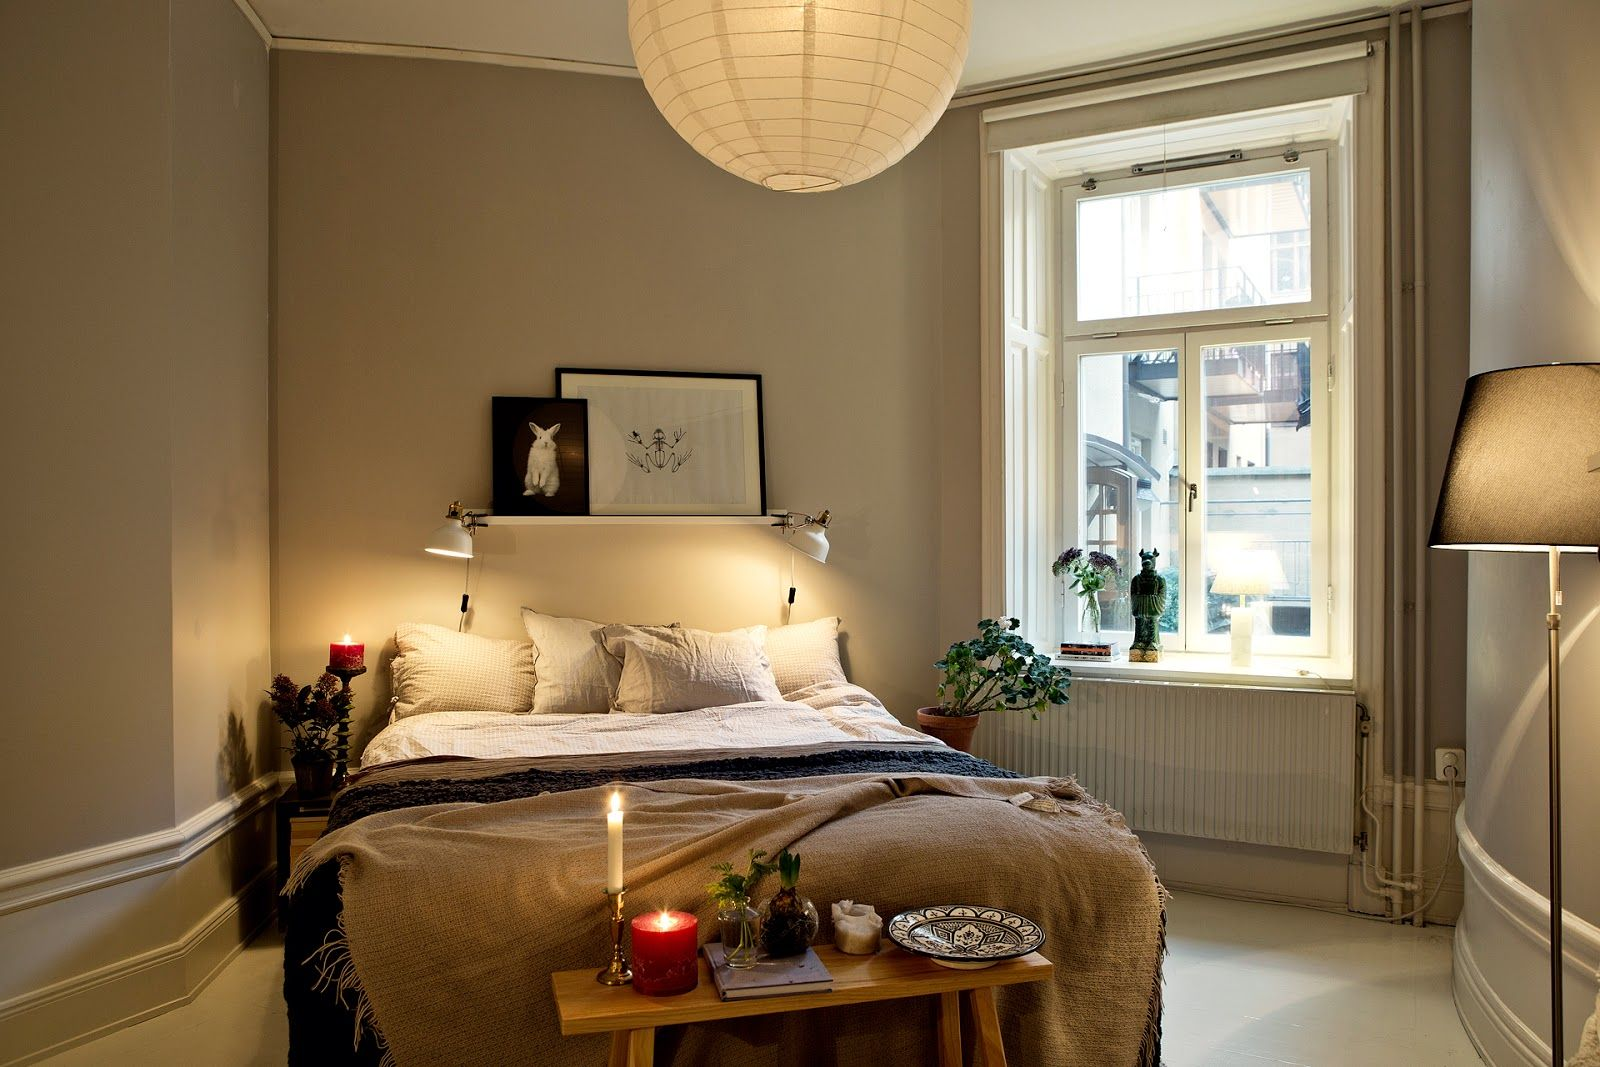 Risultati immagini per colori per imbiancare camera da letto | Idee ...